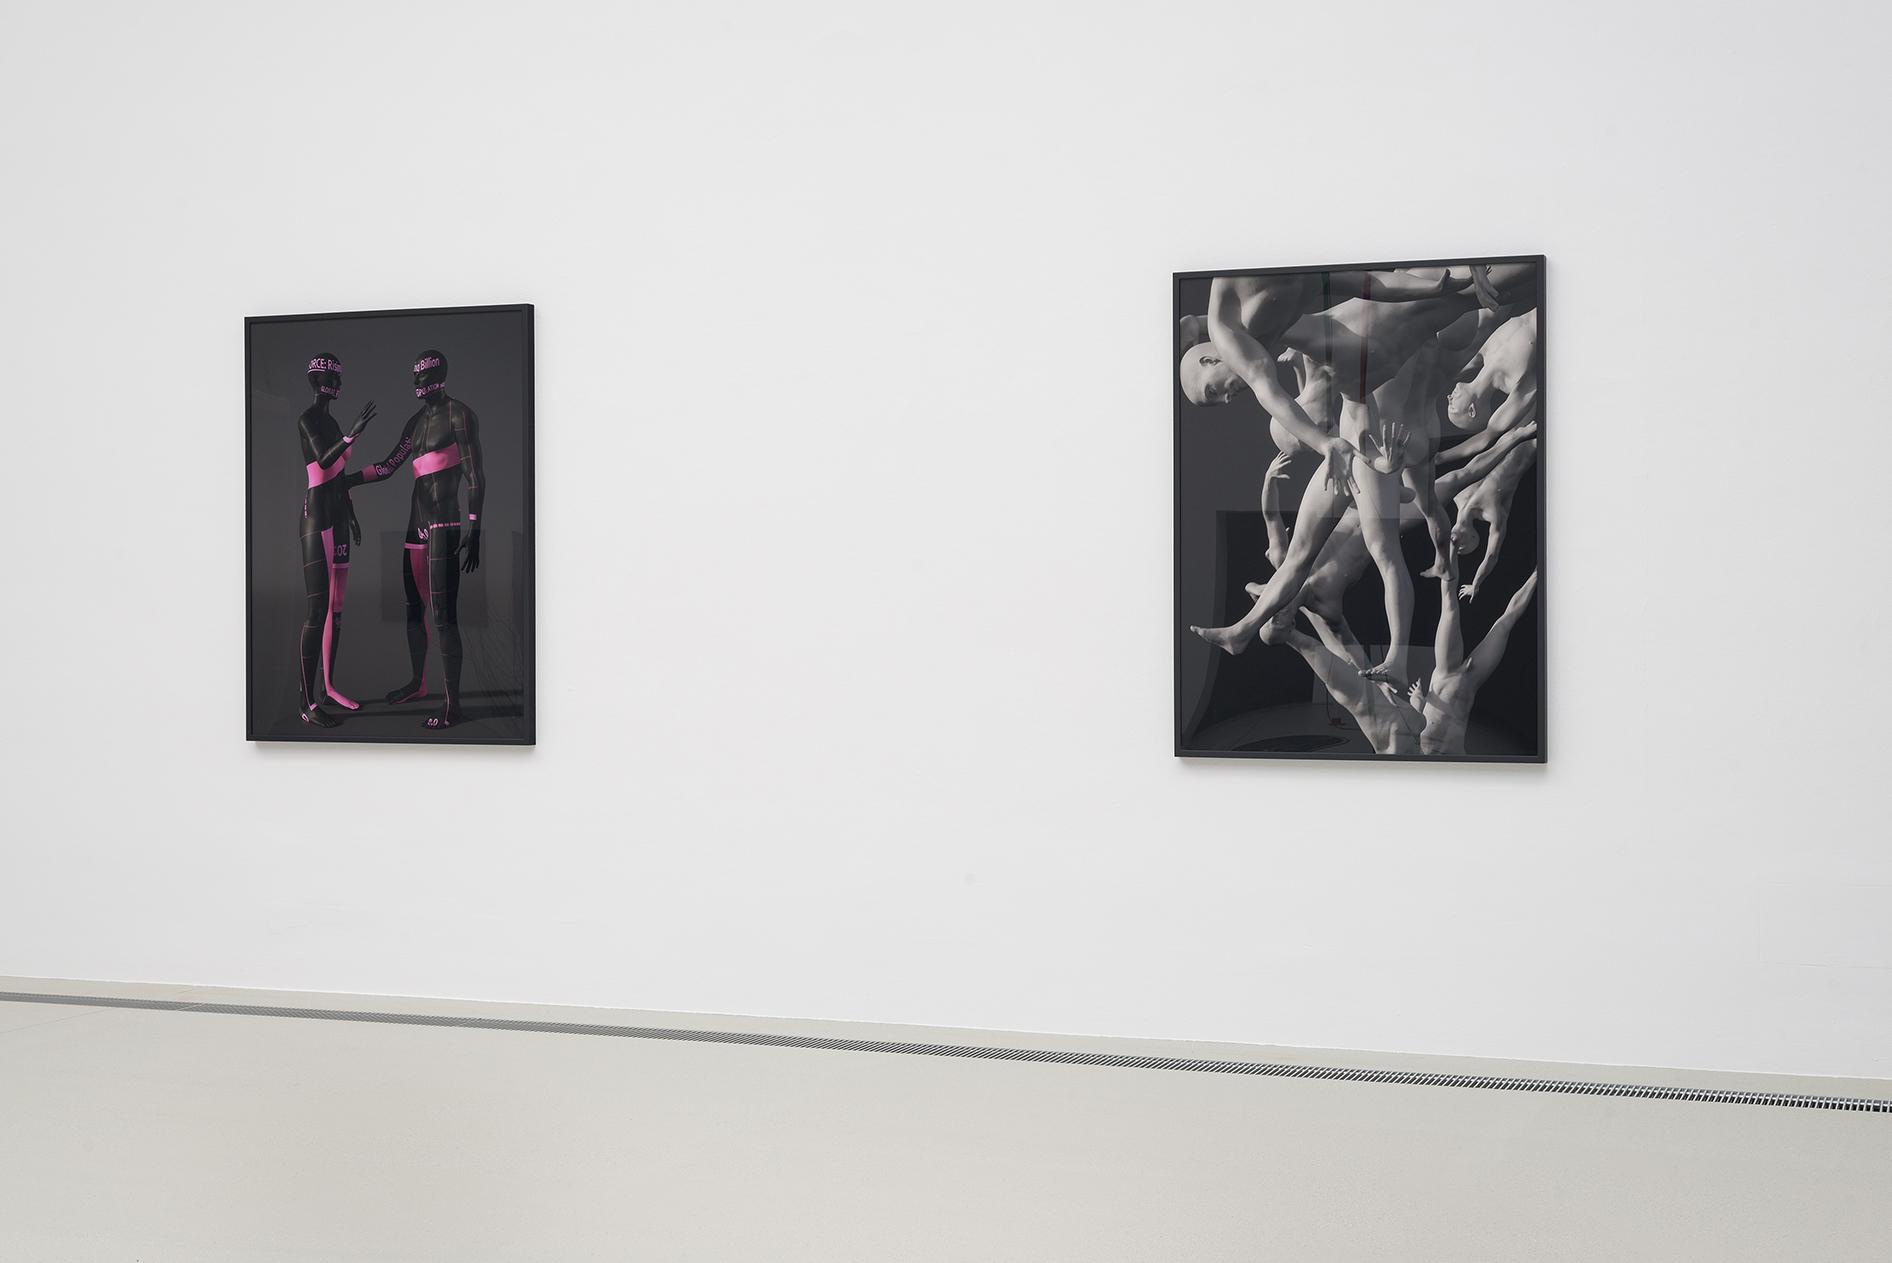 Palo Alto, KM Halle für Kunst und Medien Graz, Exhibition View, 2018, Foto by Markus Krottendorfer